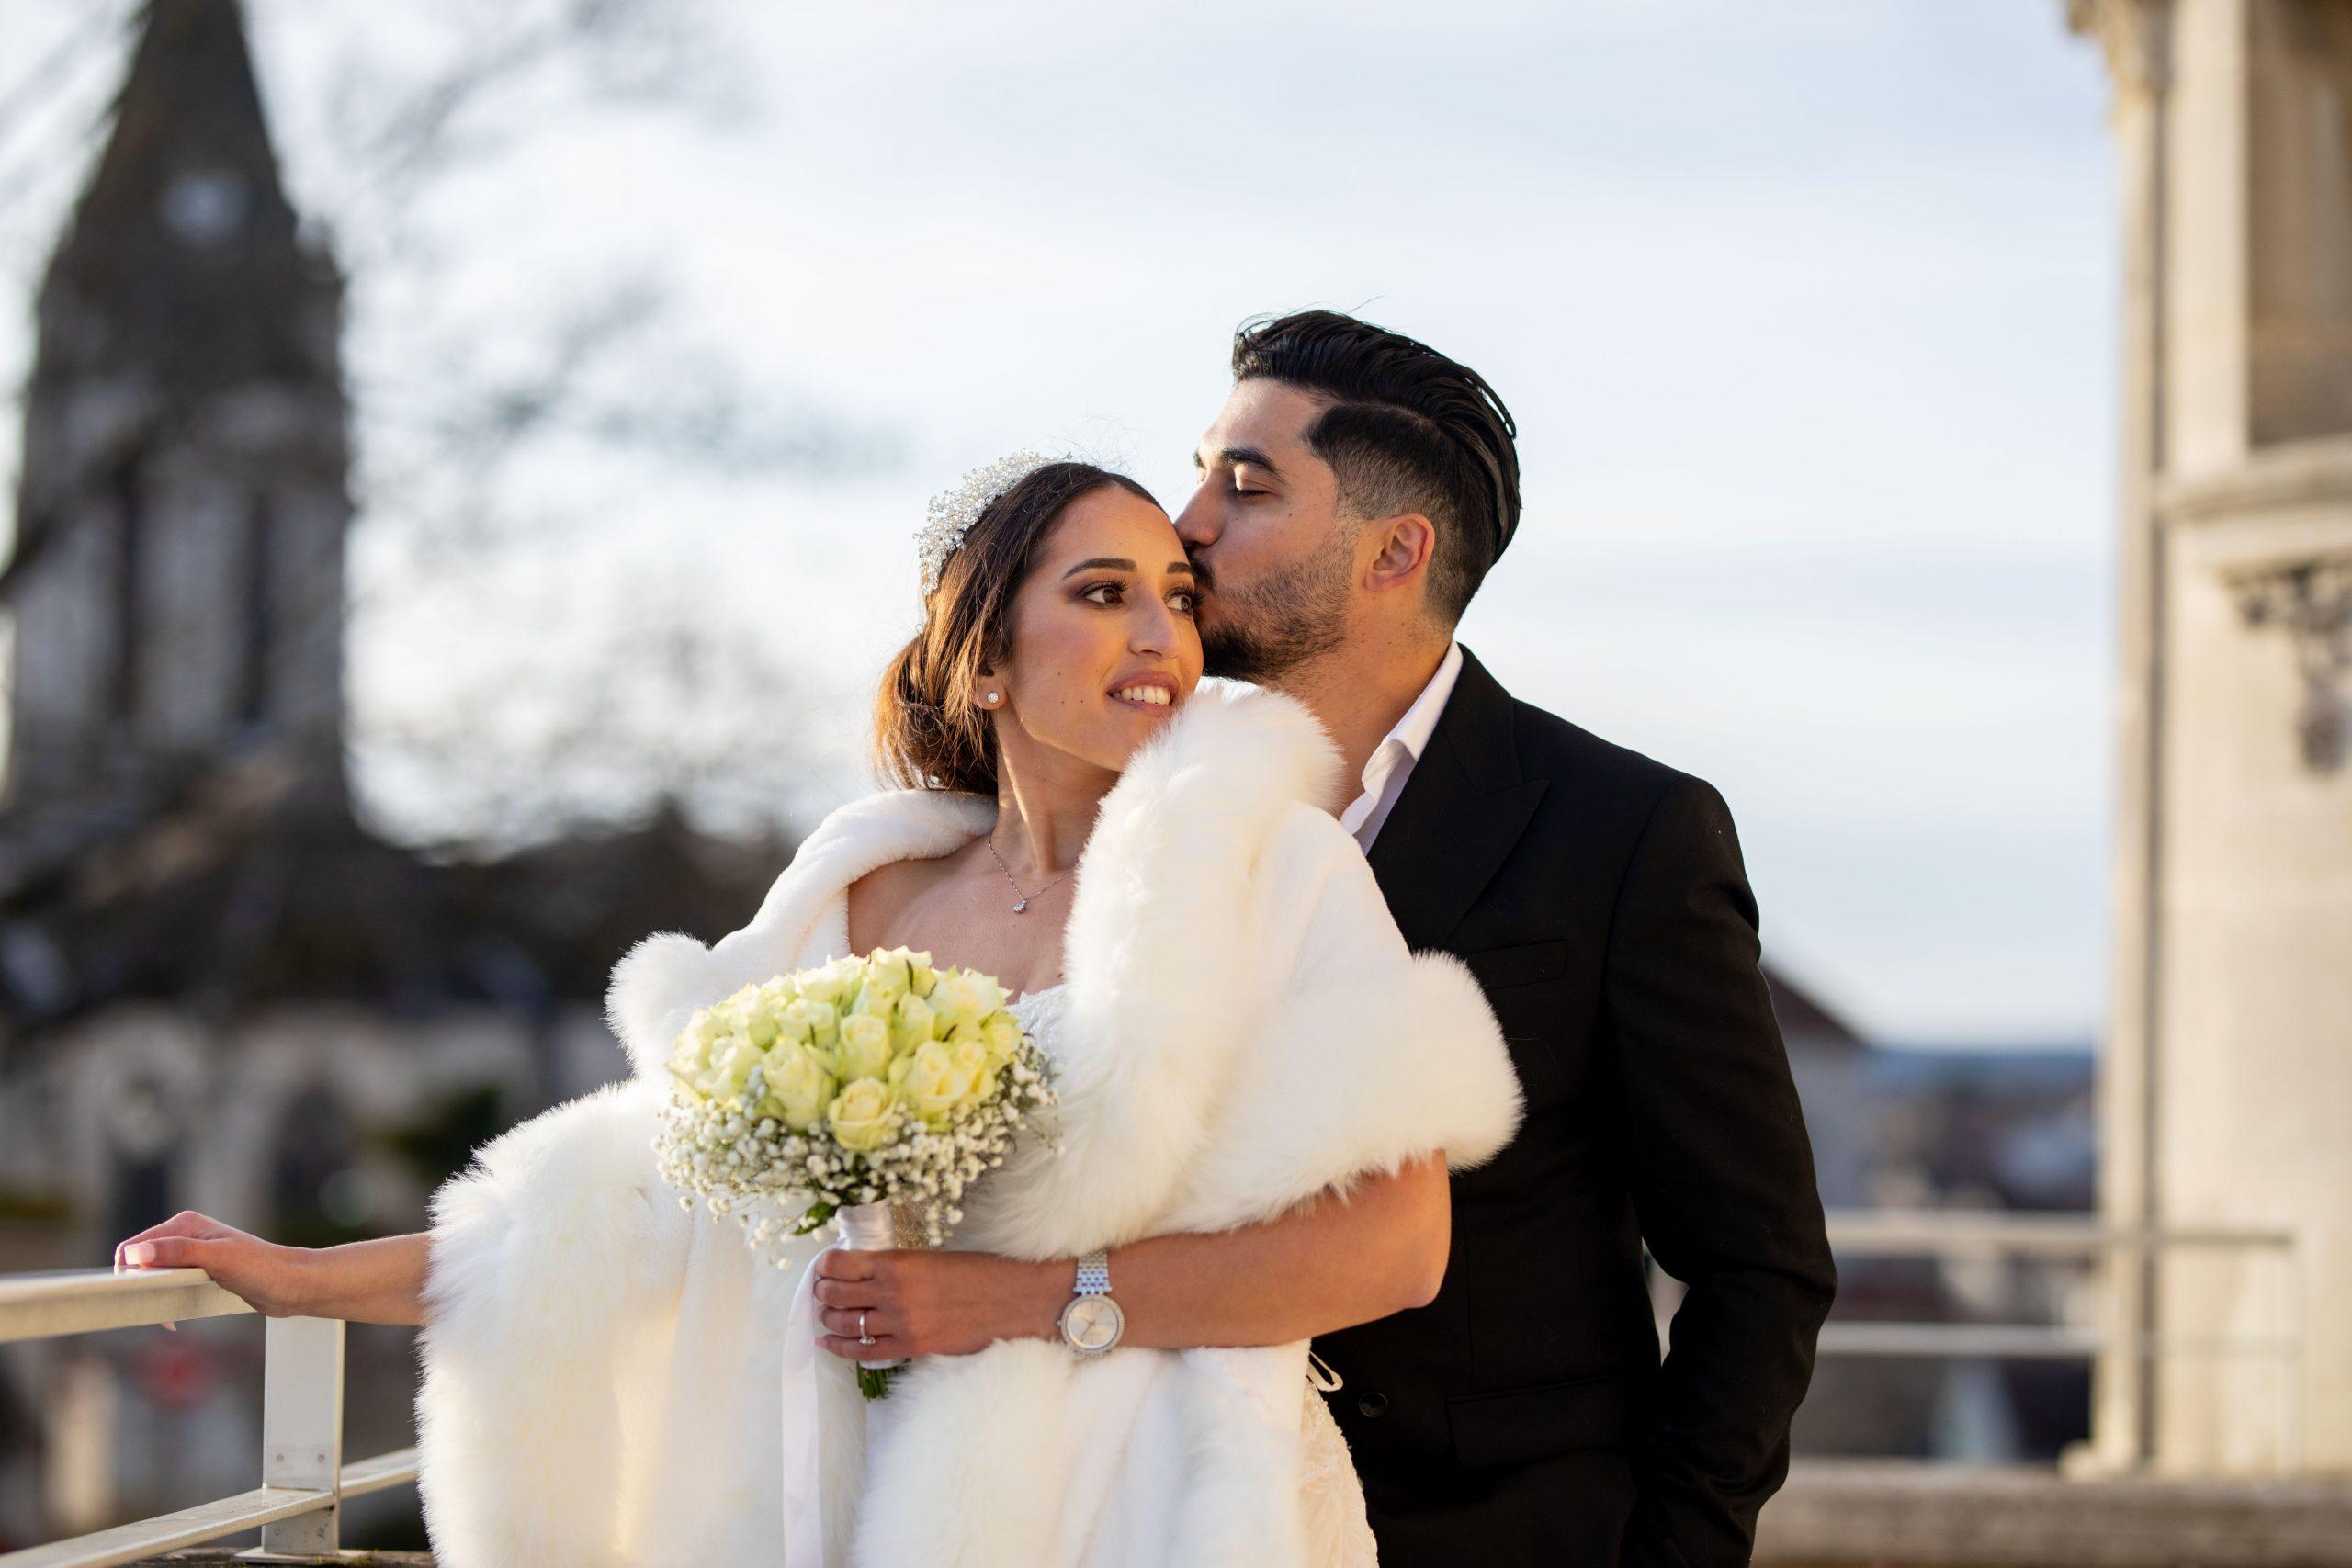 Mariage civil Ile de France - Photographe mariage Ile de France original - mariage intime - séance couple - Paris